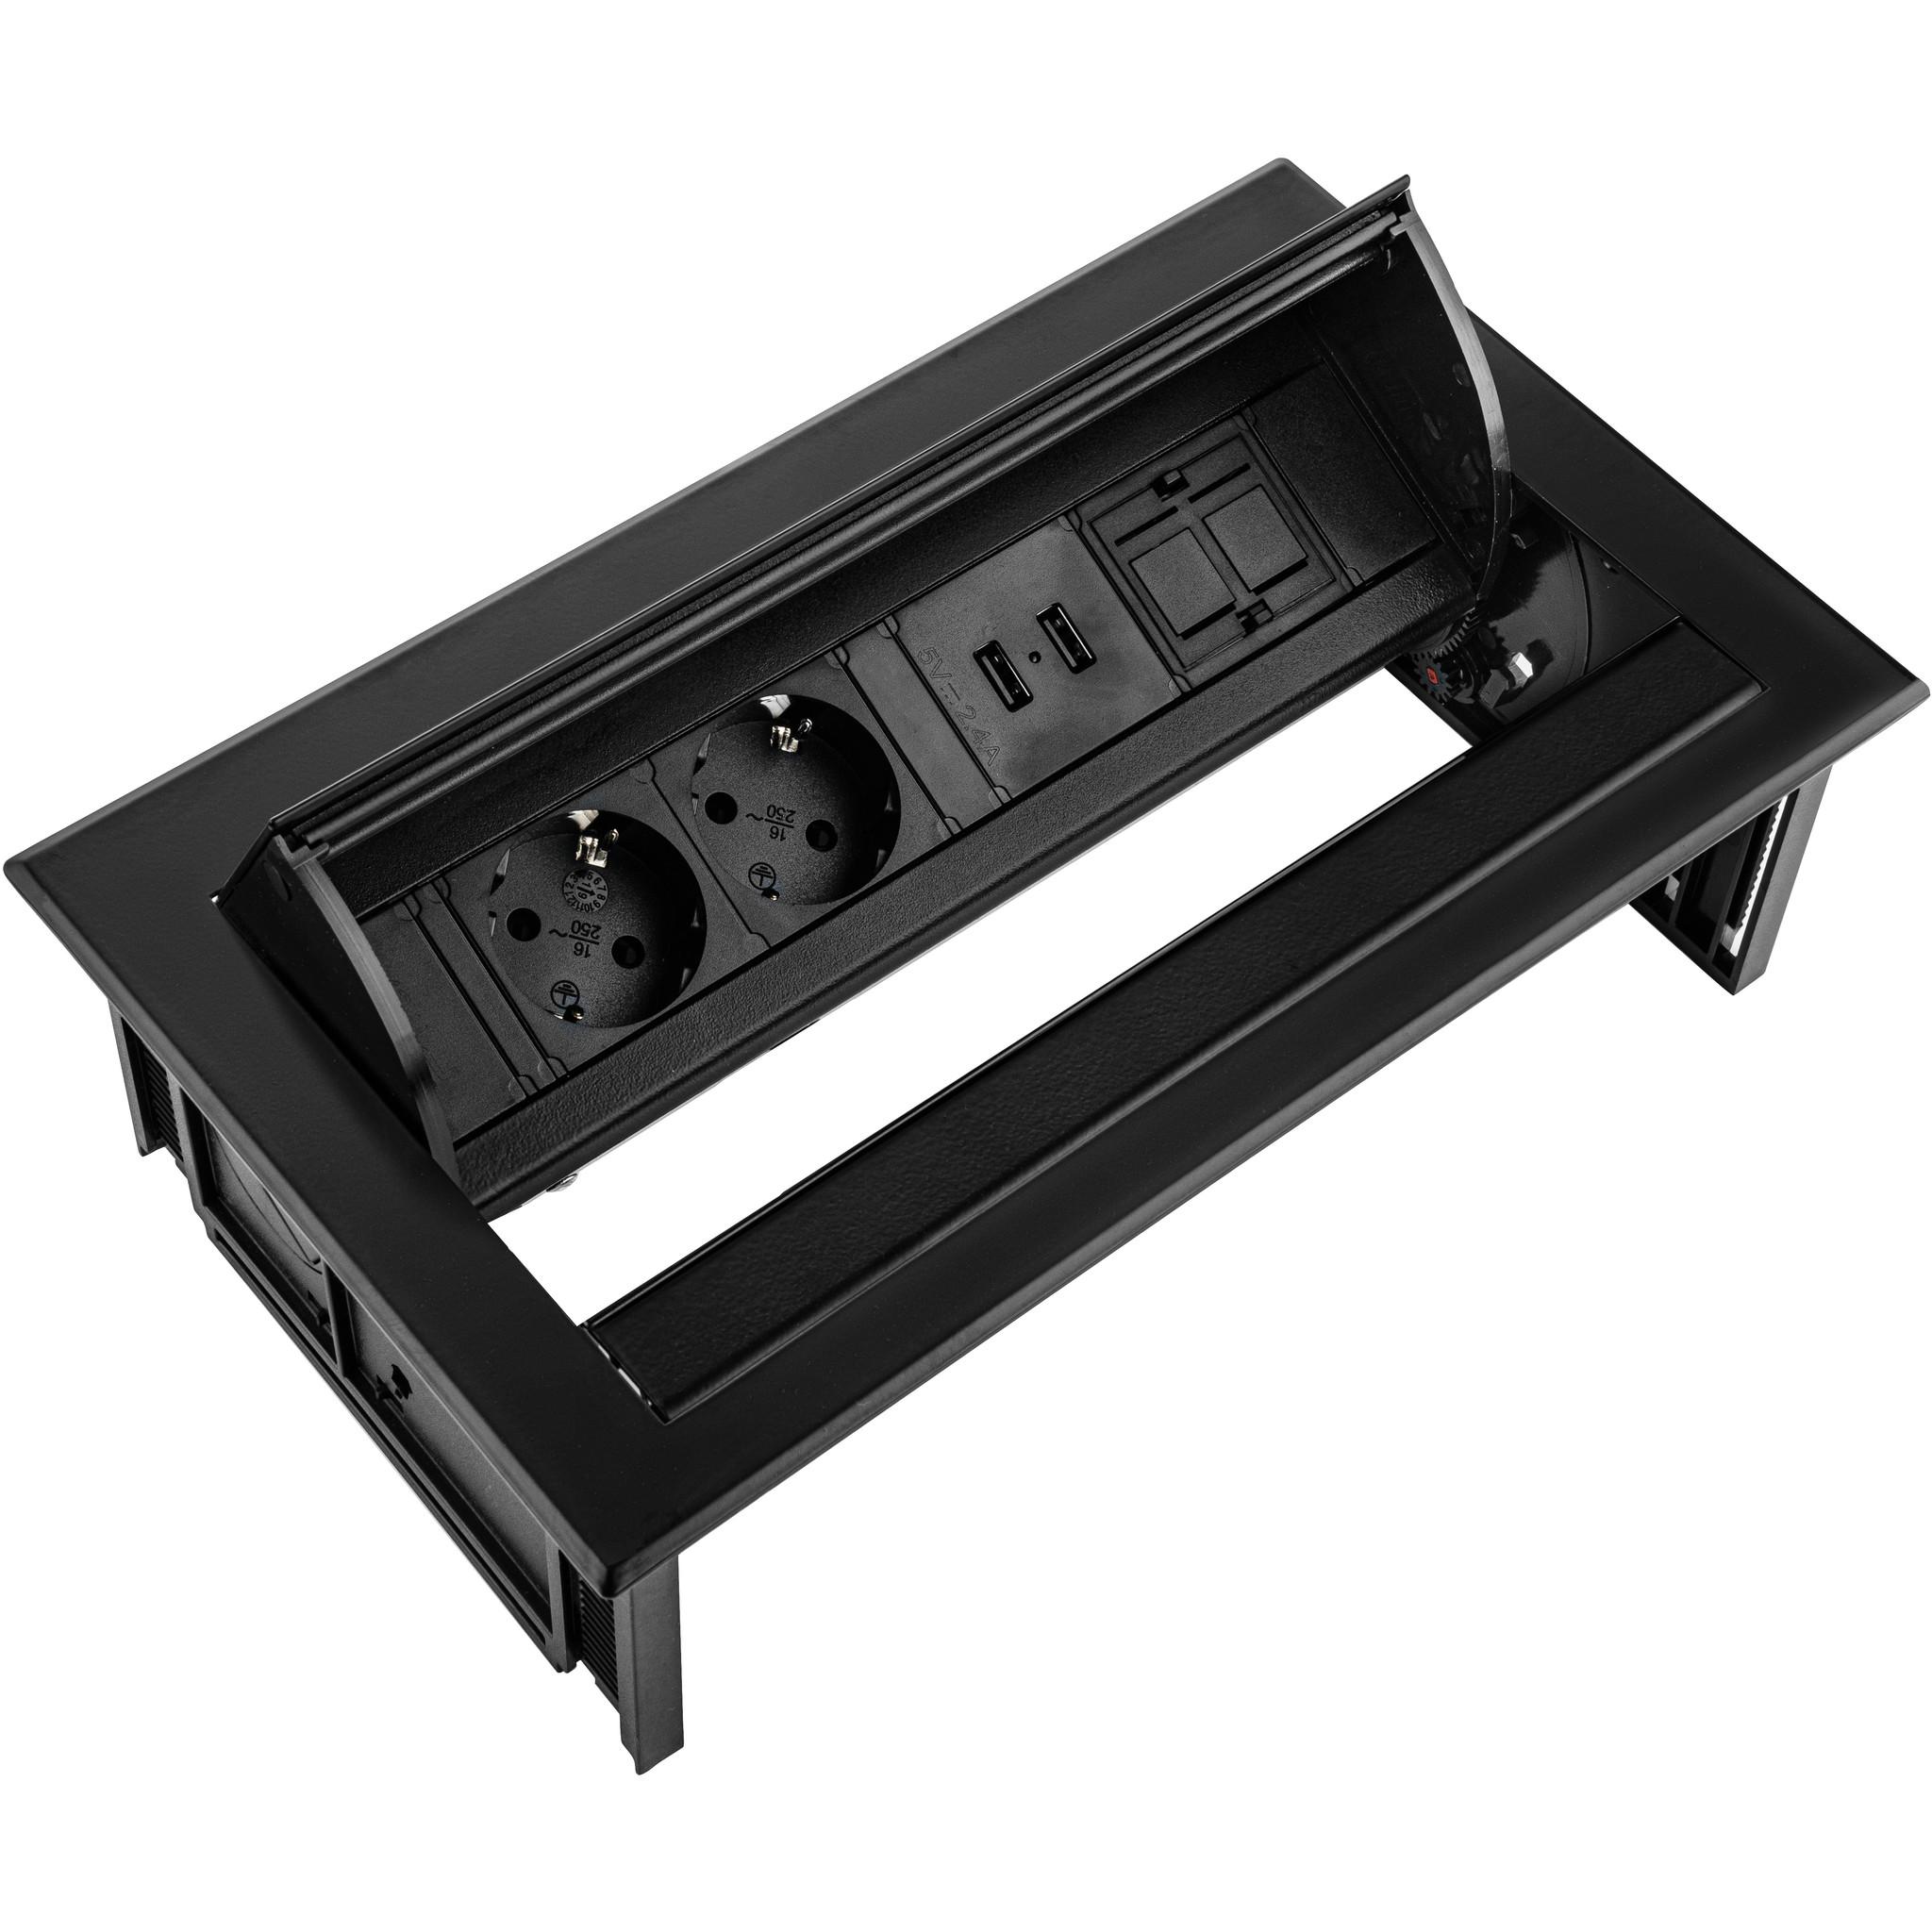 Ergopro Desk In - 2x power, 2x USB charger & 2x keystone zwart